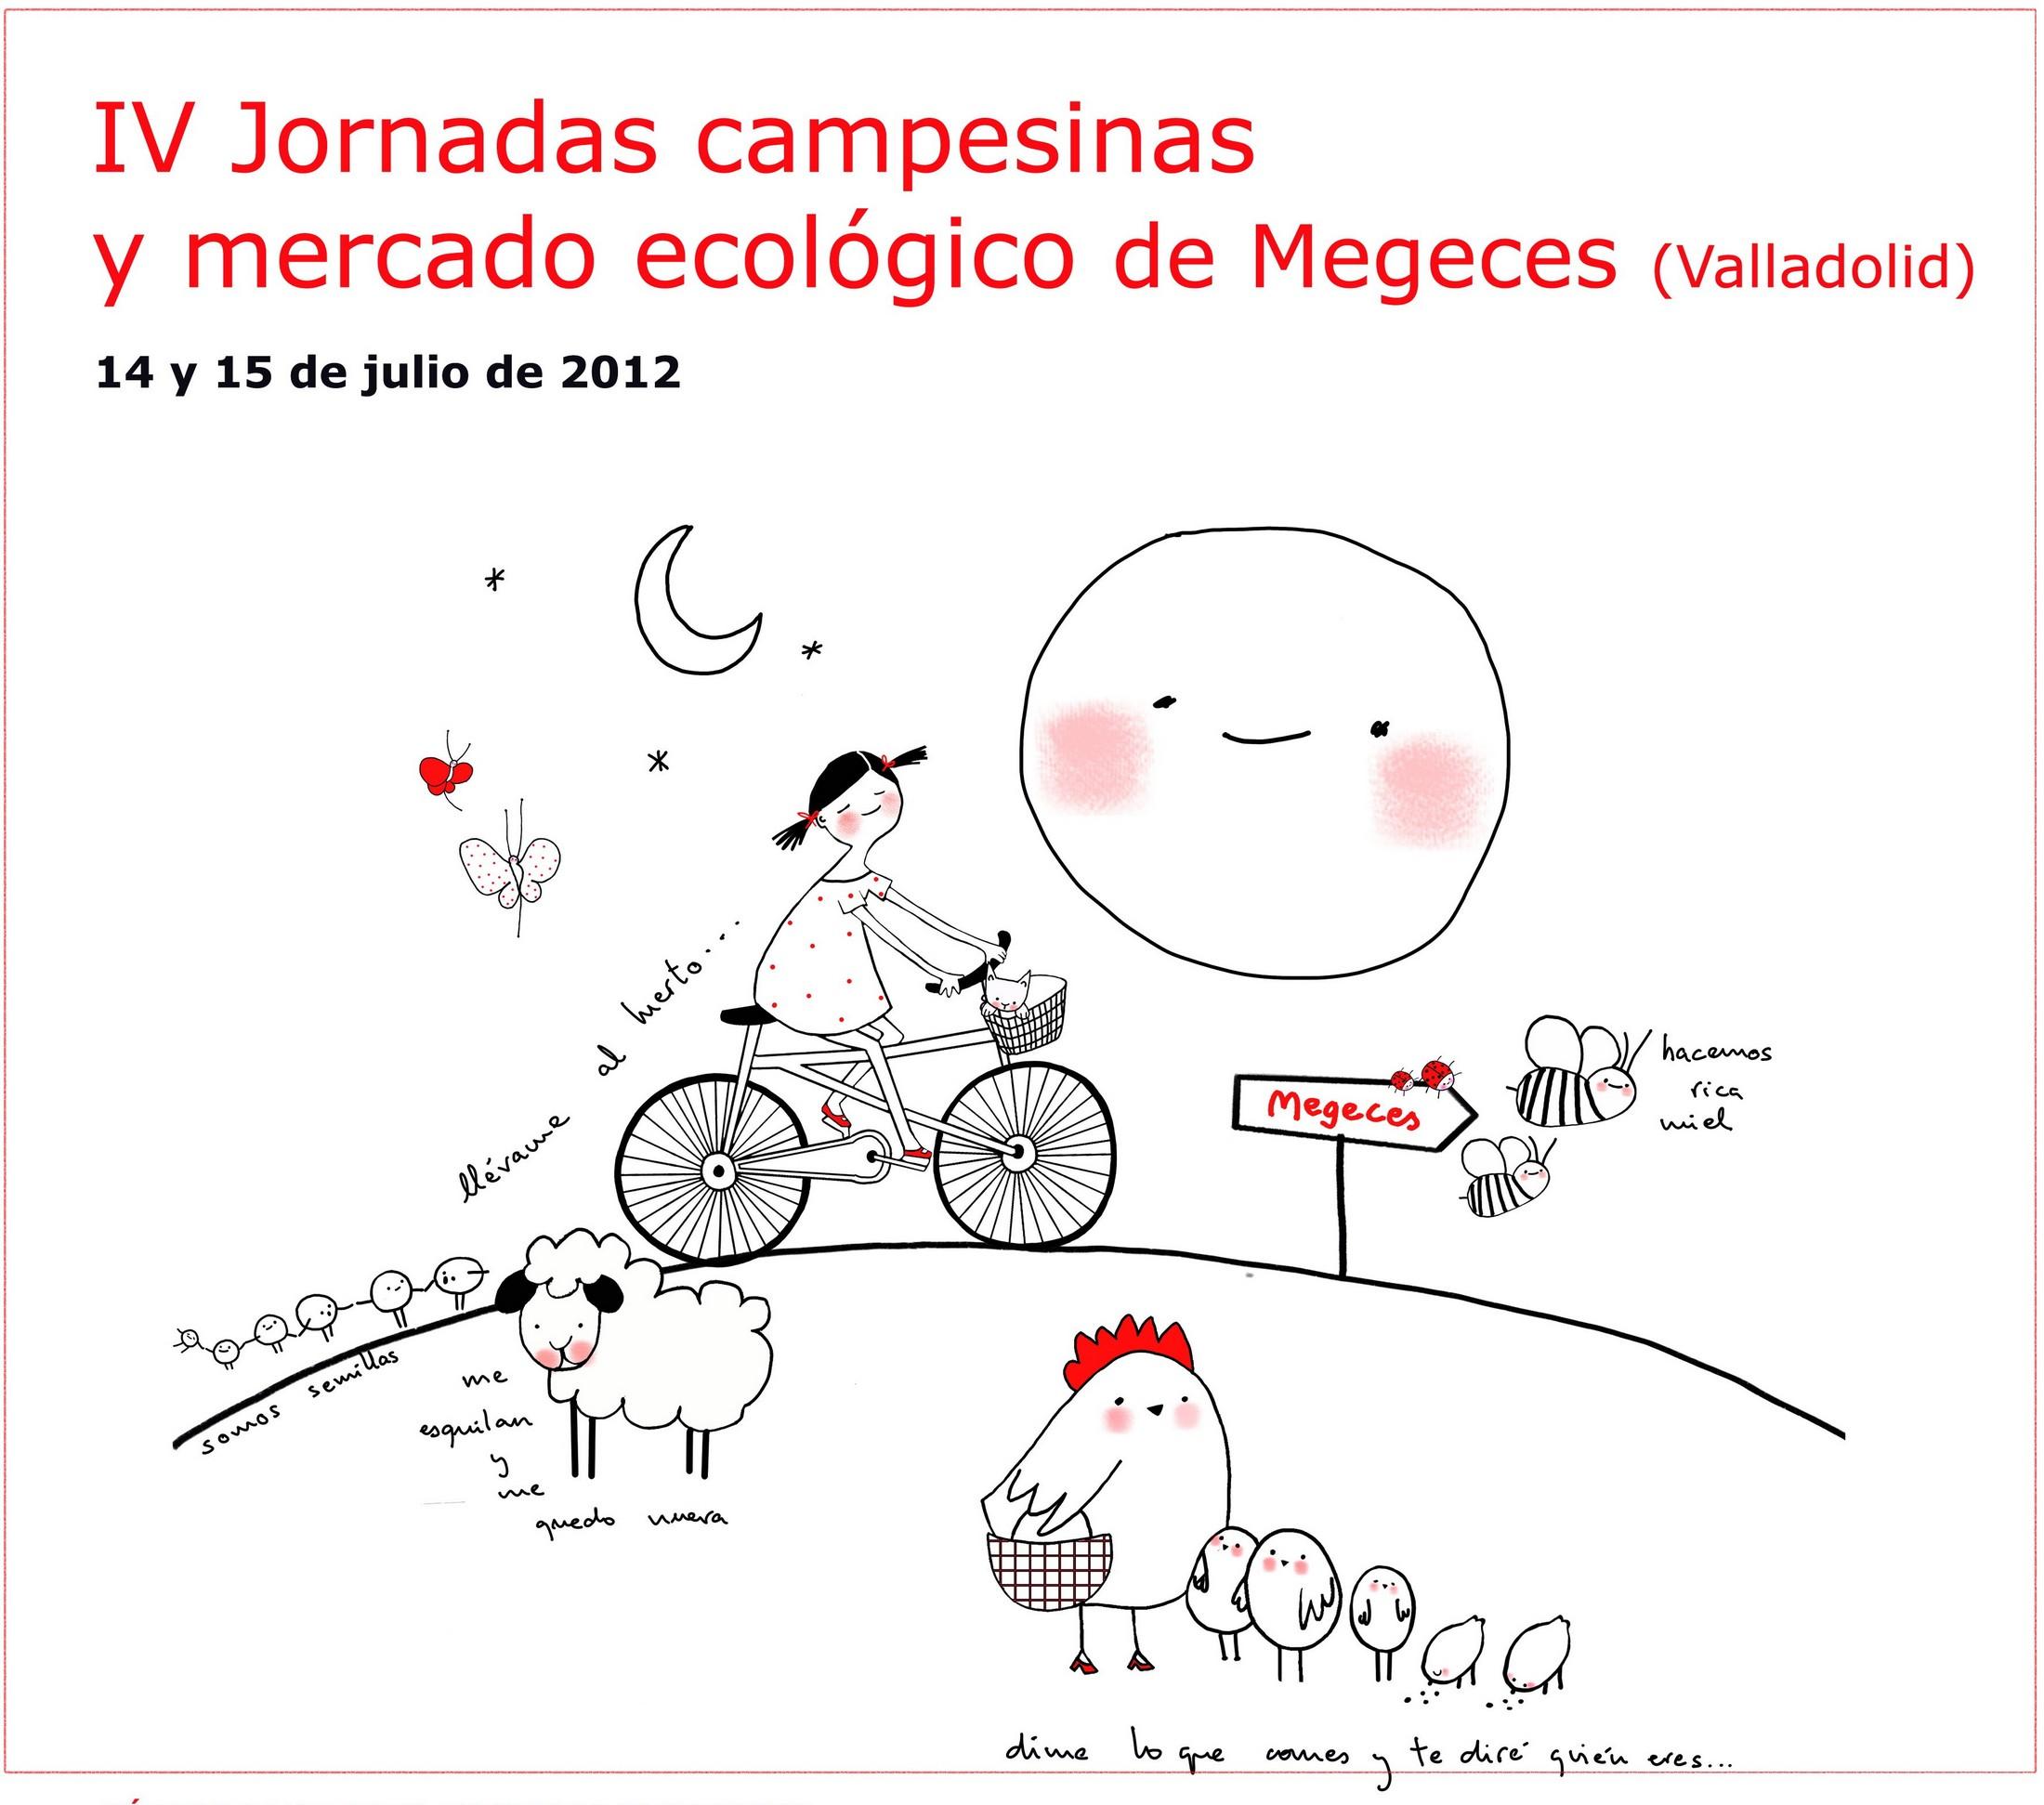 IV Jornadas Campesinas y el Mercado Ecológico de Megeces